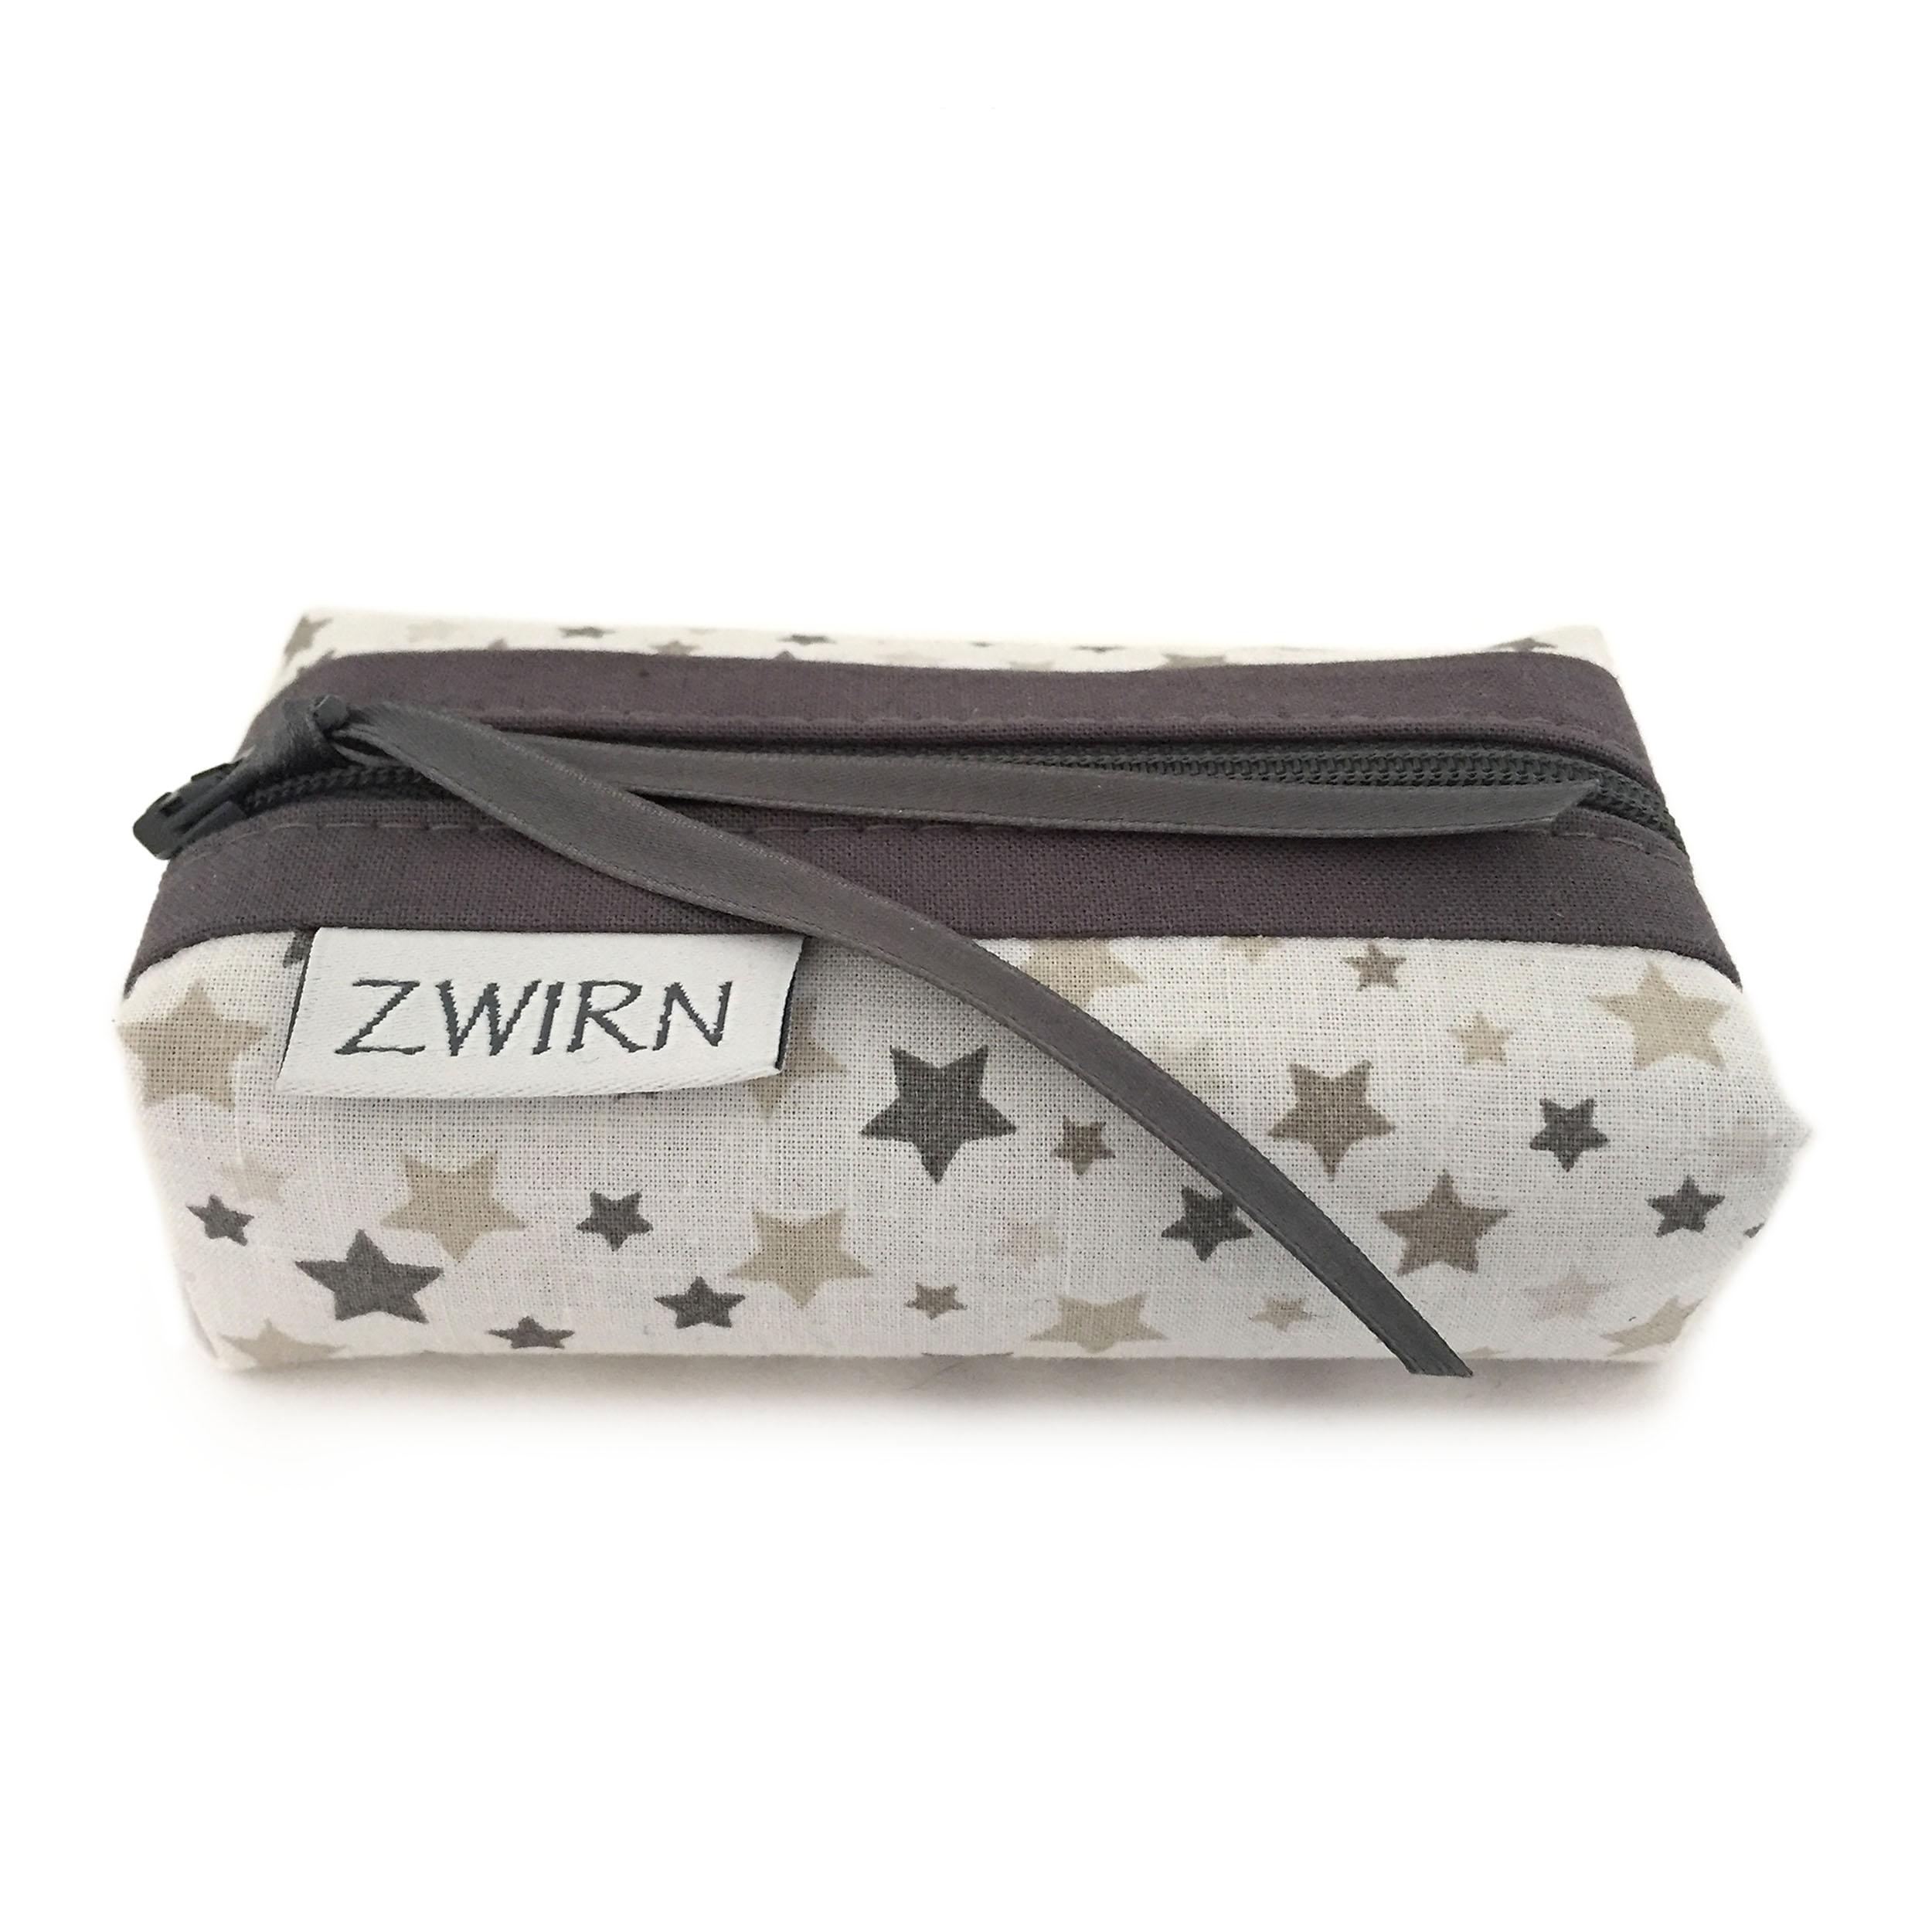 verschiedenes Design günstige Preise Sonderpreis für Taschentuch-Etui Sterne grau